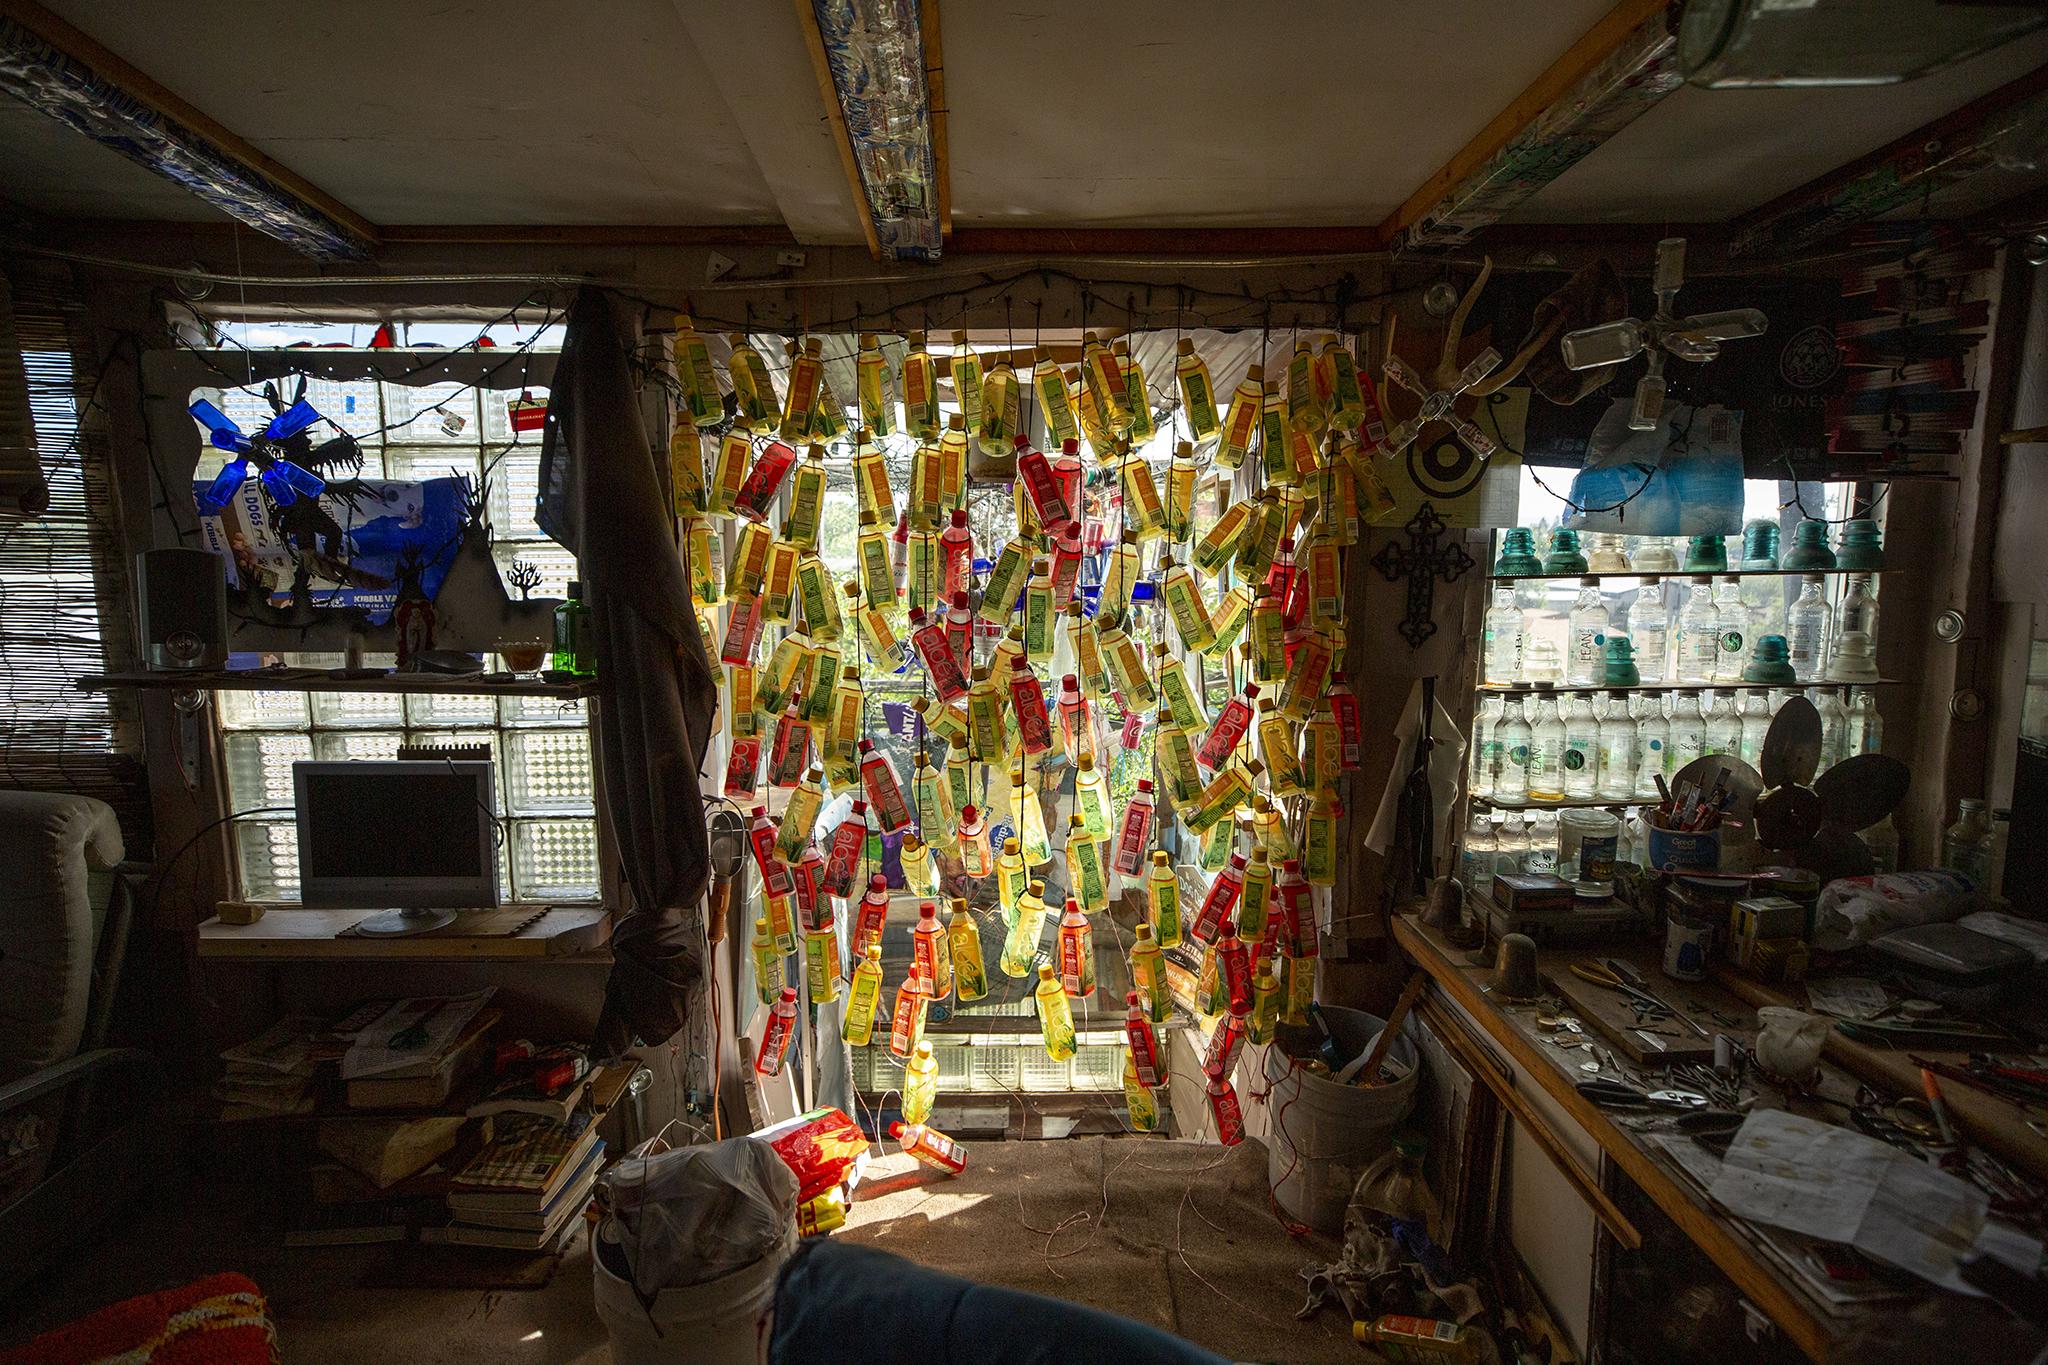 Inside Dominic 'Cano' Espinoza's home in Antonito. Aug. 25, 2021.